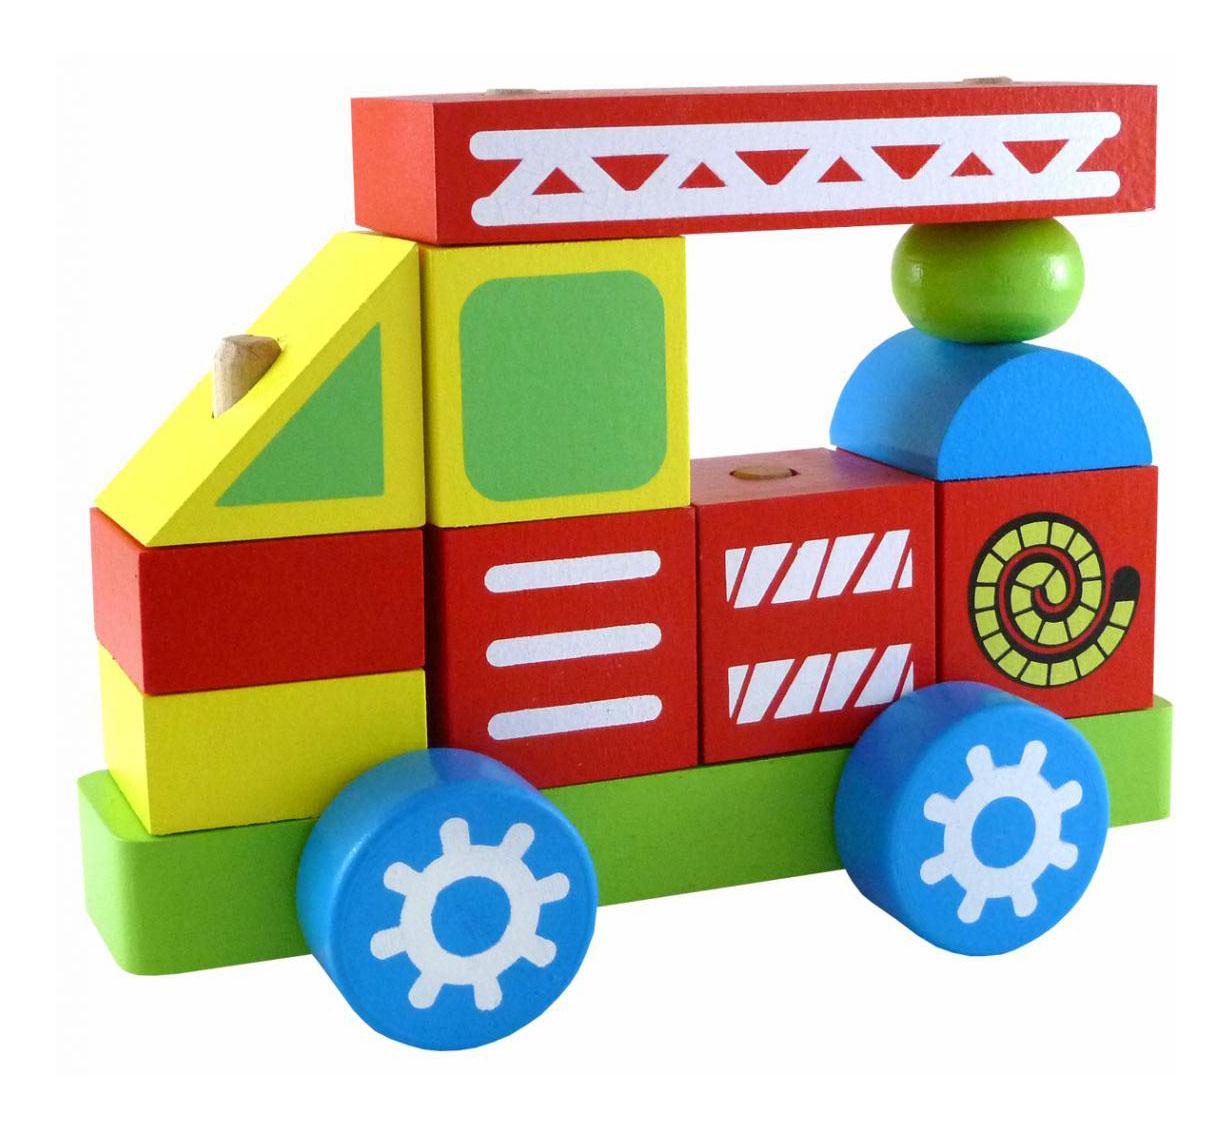 Купить Пожарная машина, Конструктор деревянный Alatoys Пожарная Машина, Алатойс,